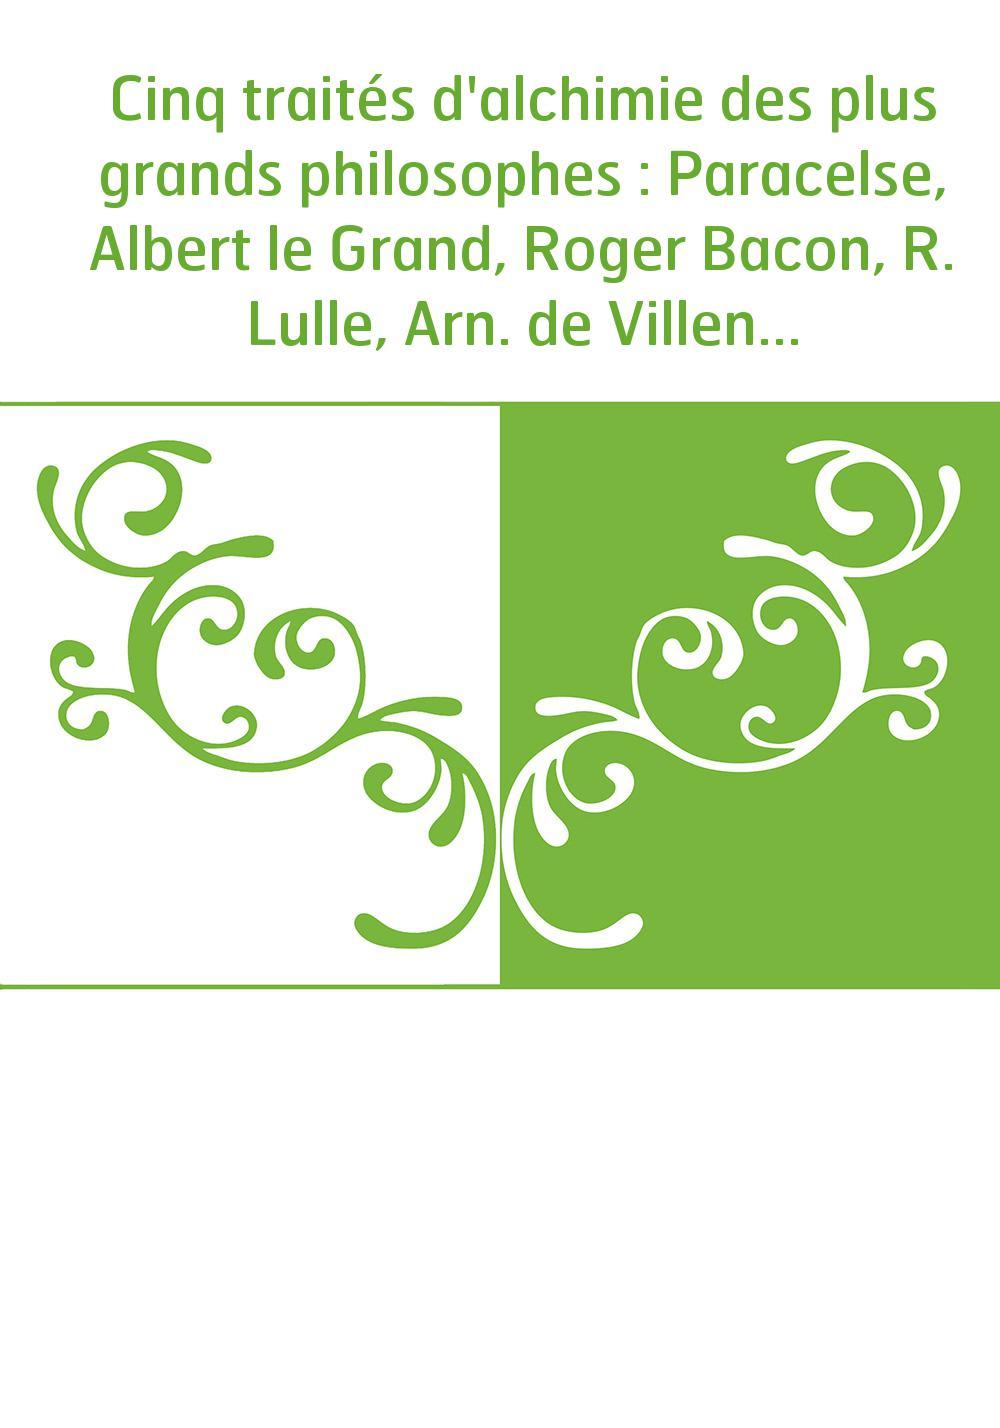 Cinq traités d'alchimie des plus grands philosophes : Paracelse, Albert le Grand, Roger Bacon, R. Lulle, Arn. de Villeneuve / tr